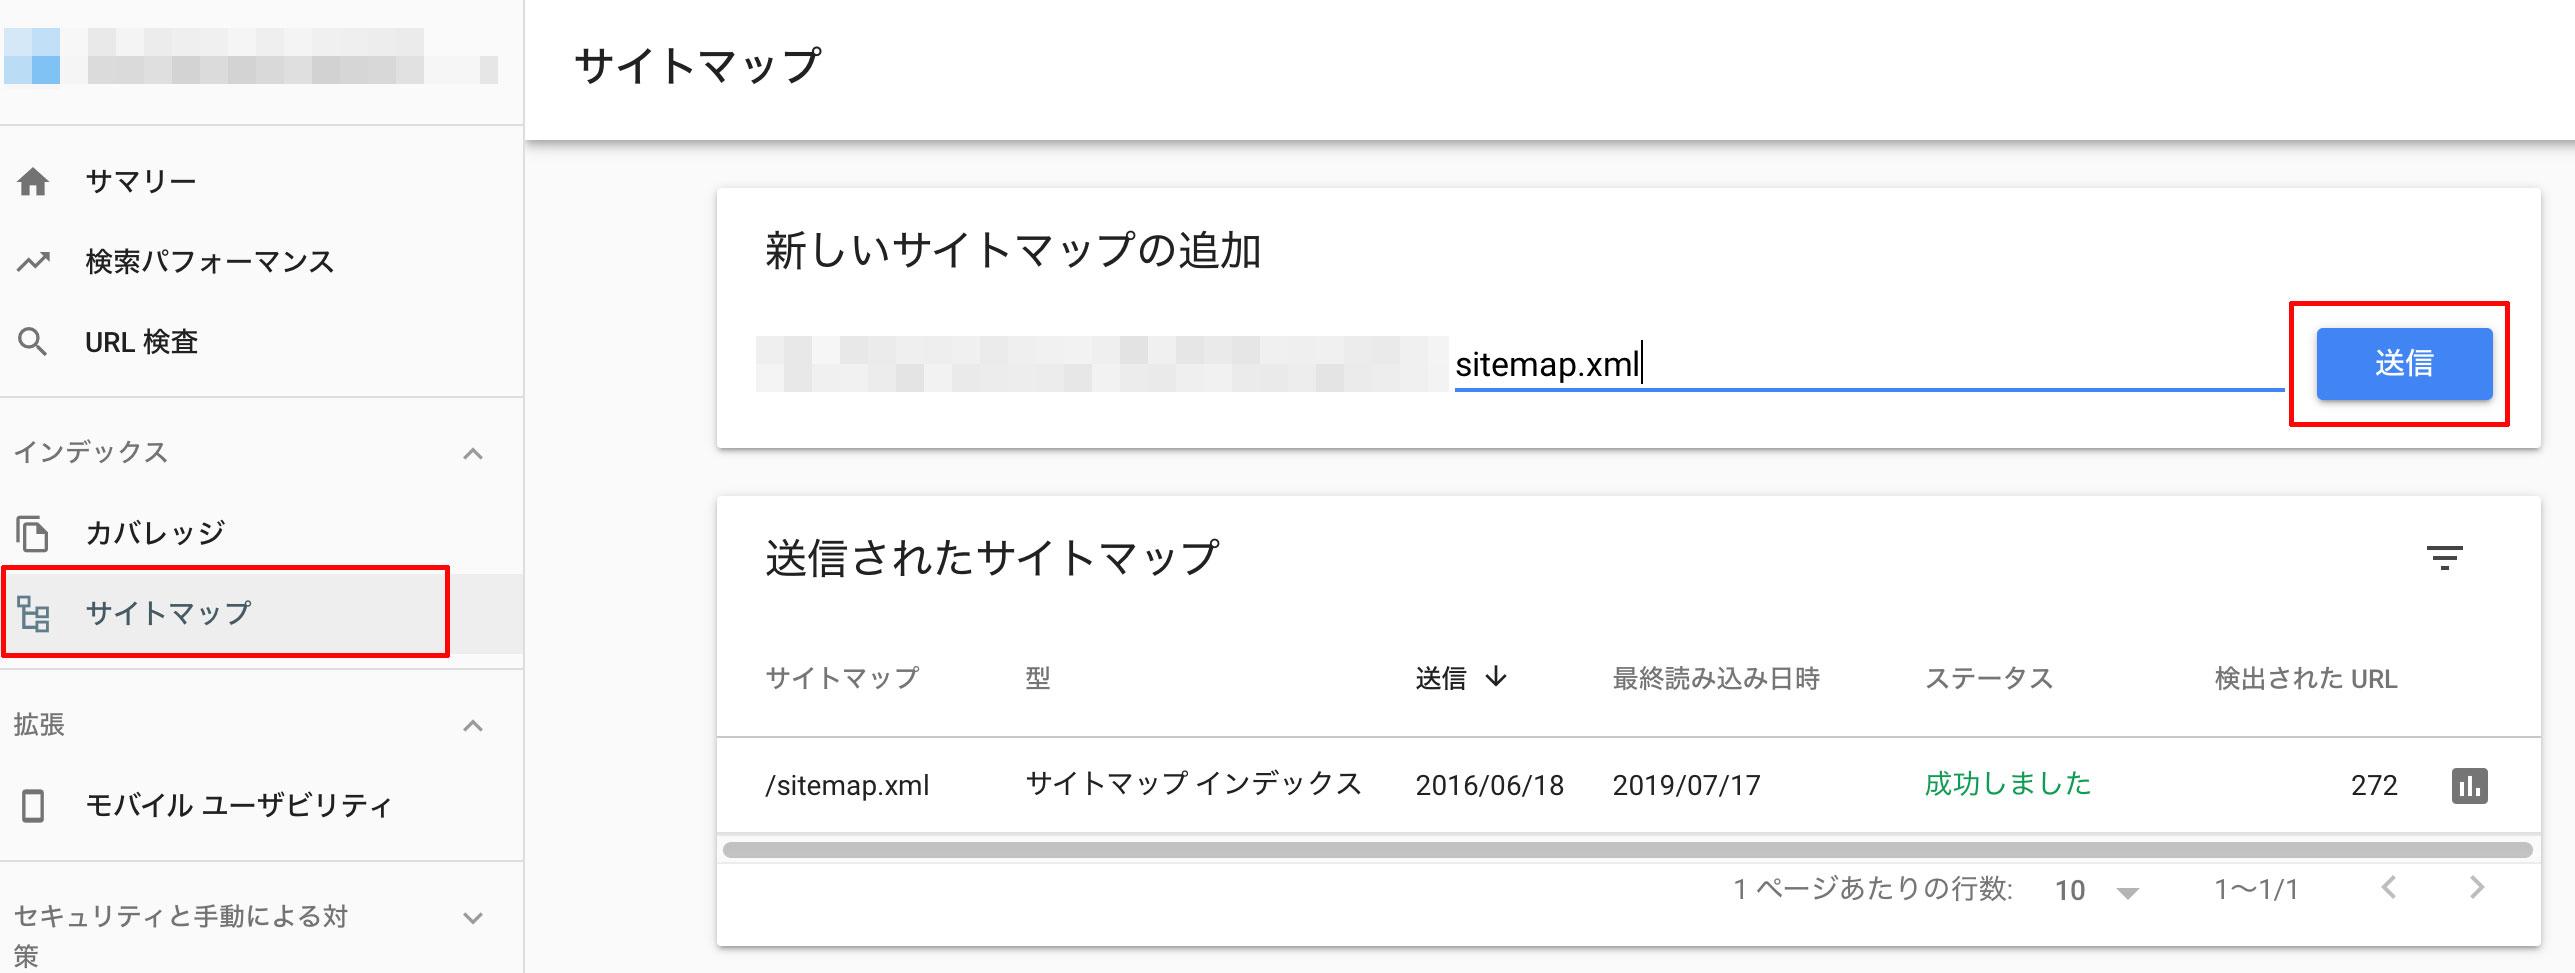 サイトマップの送信